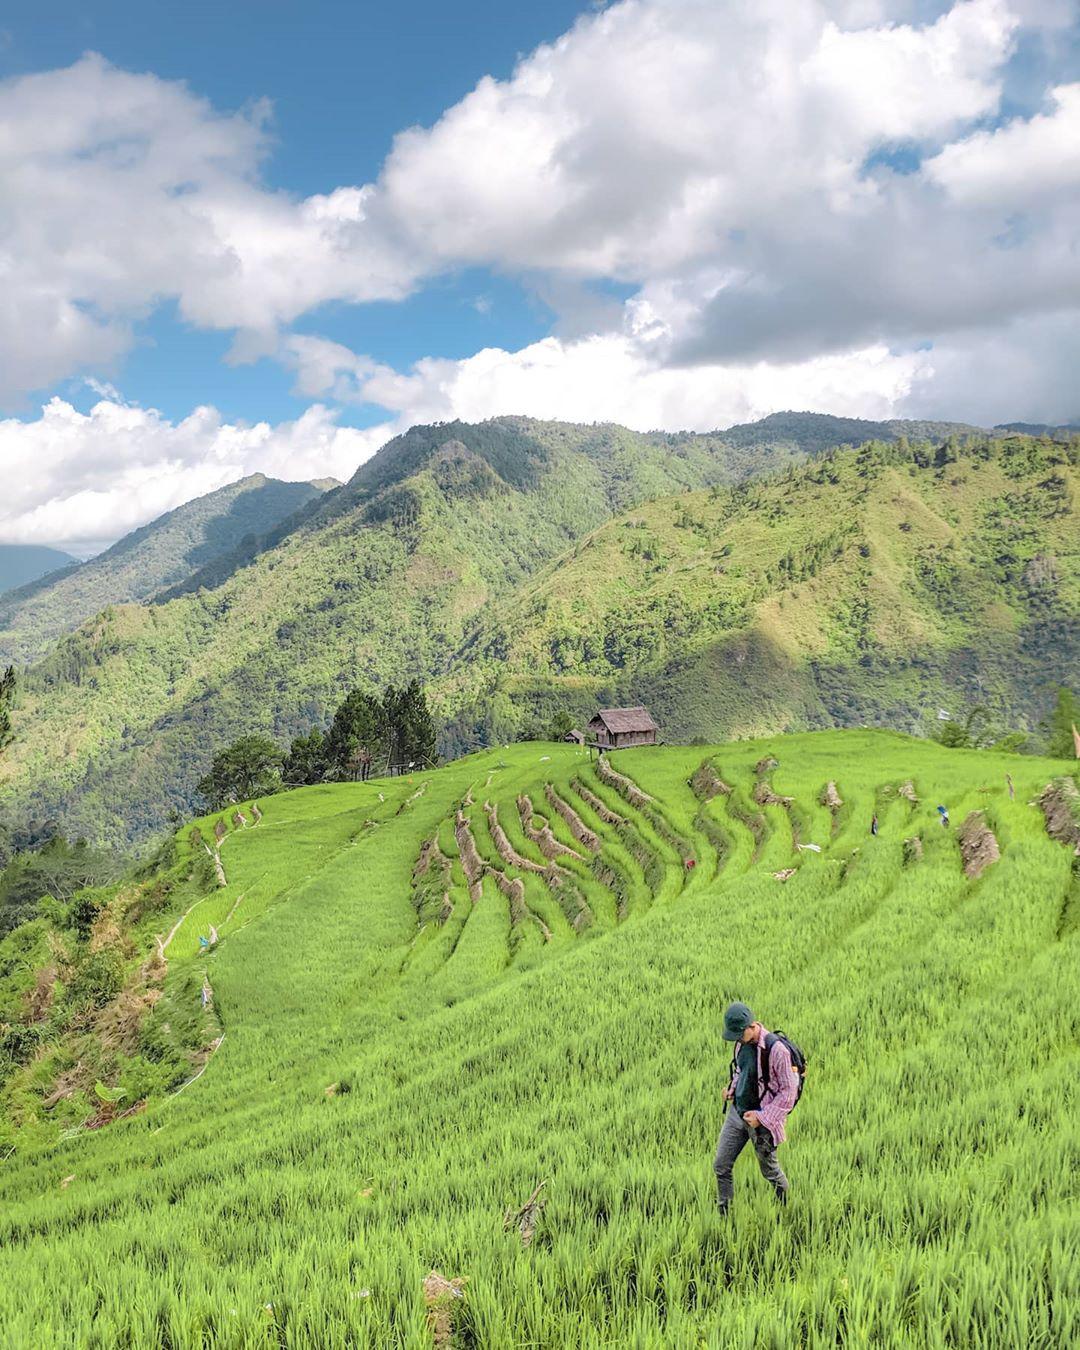 Terasering desa komba